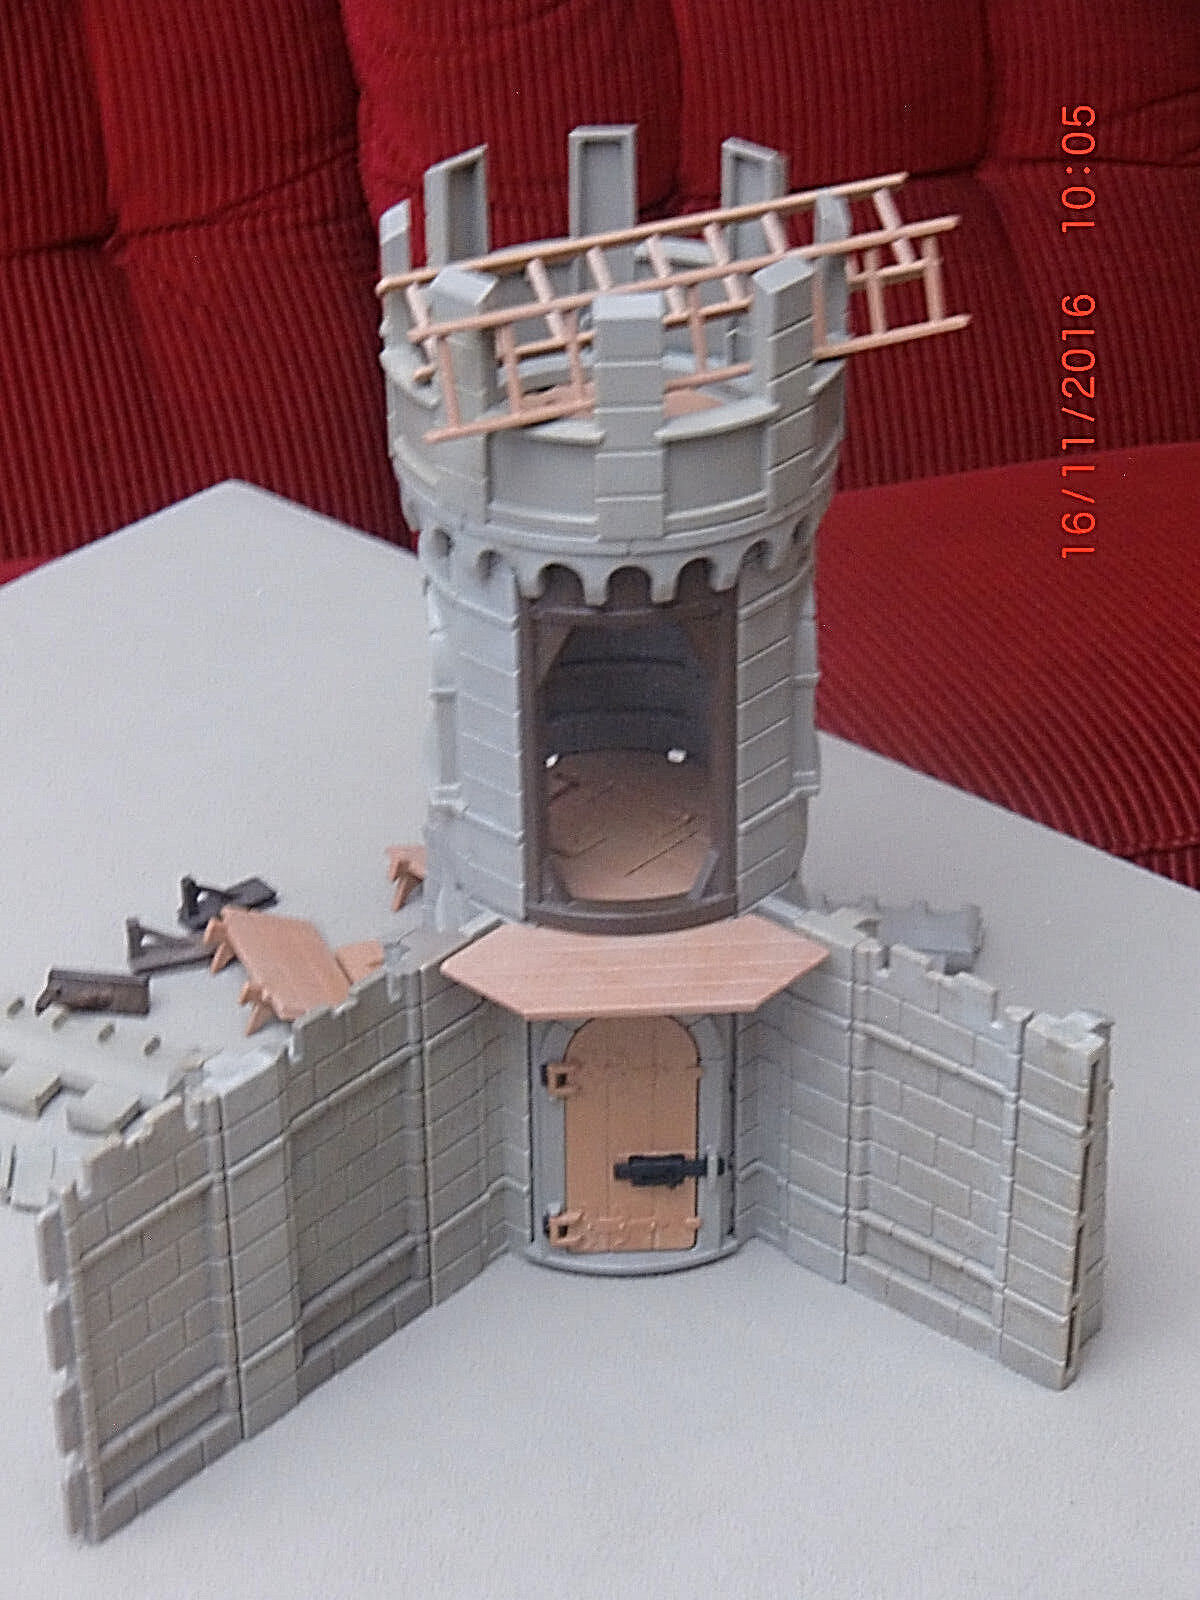 Großer Turm für Ritterburg,  gebraucht, sehr gut erhalten, mit allen Teilen